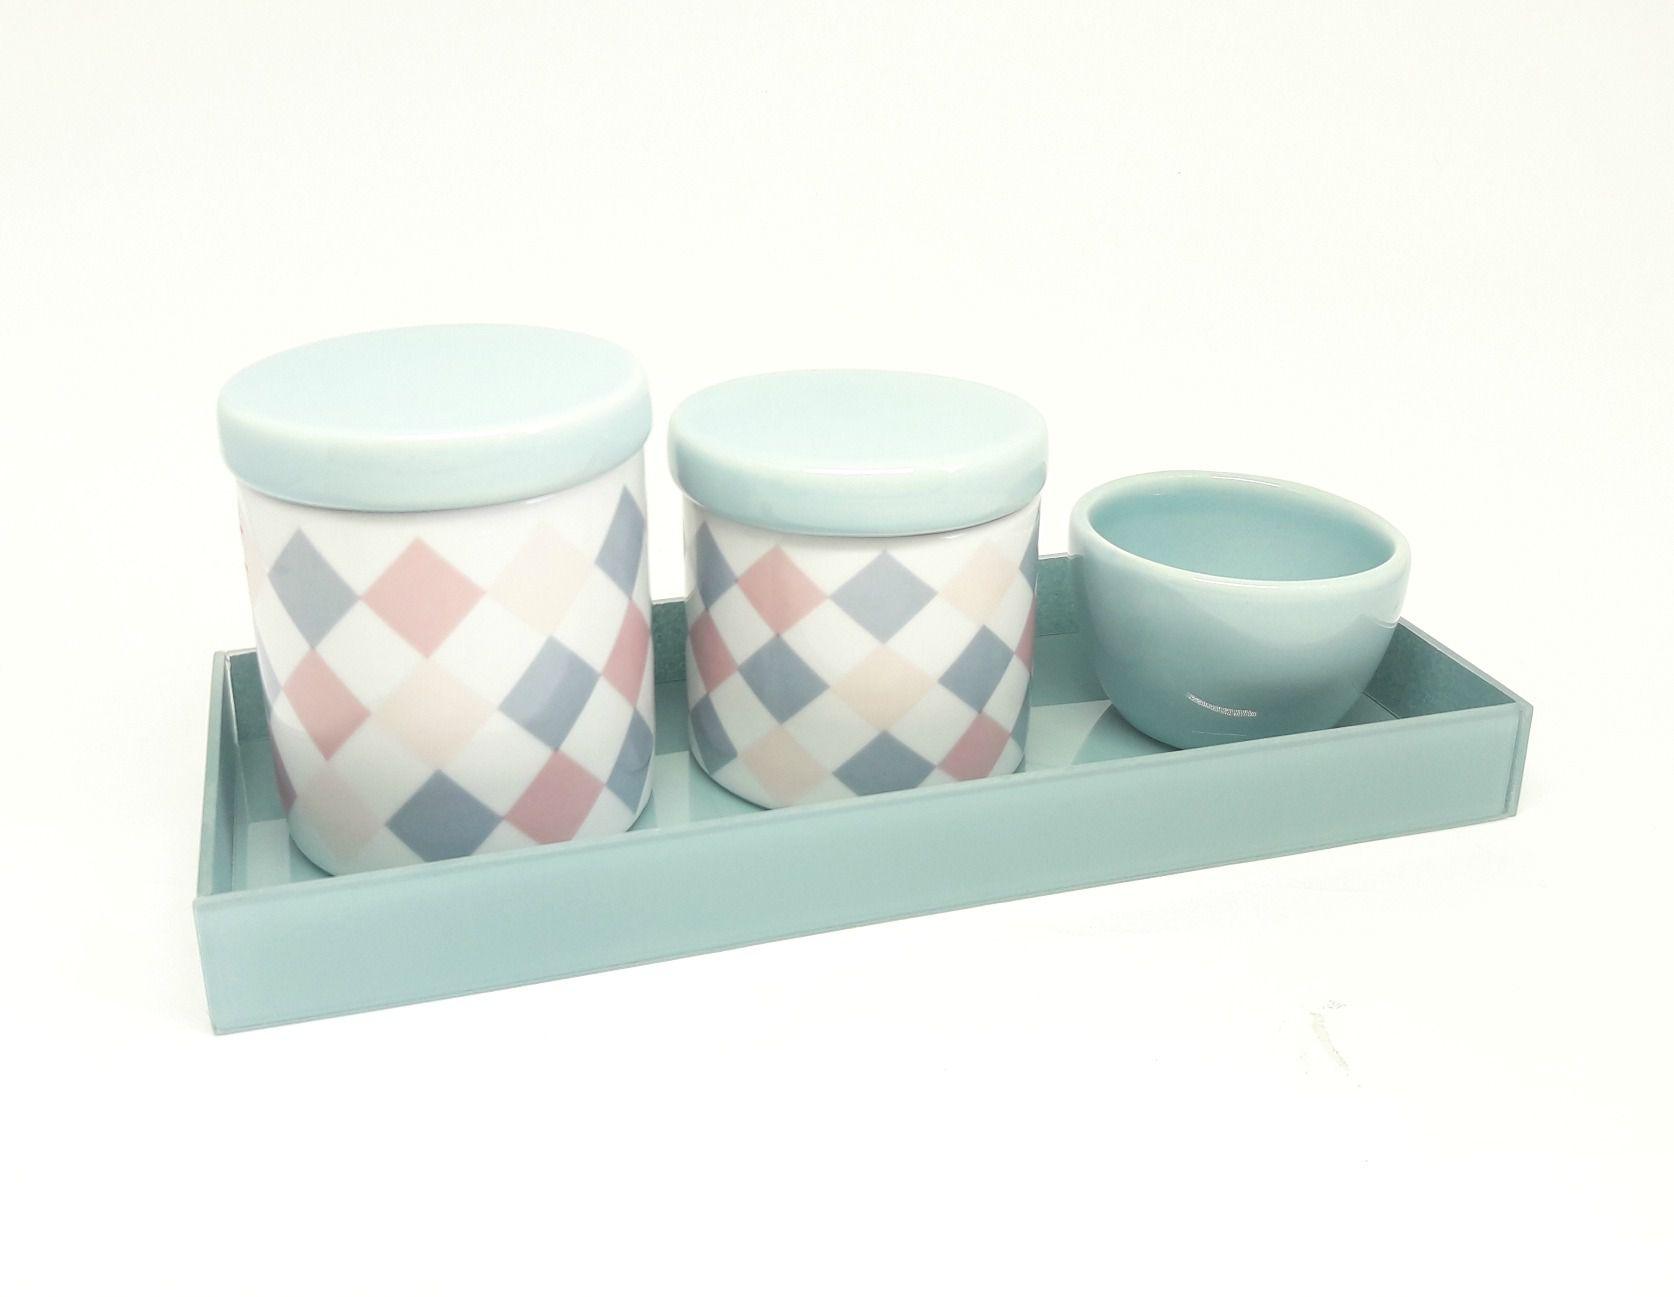 Kit Higiene Bebê Porcelana | Losangos coloridos  com Bandeja de Vidro| 4 peças